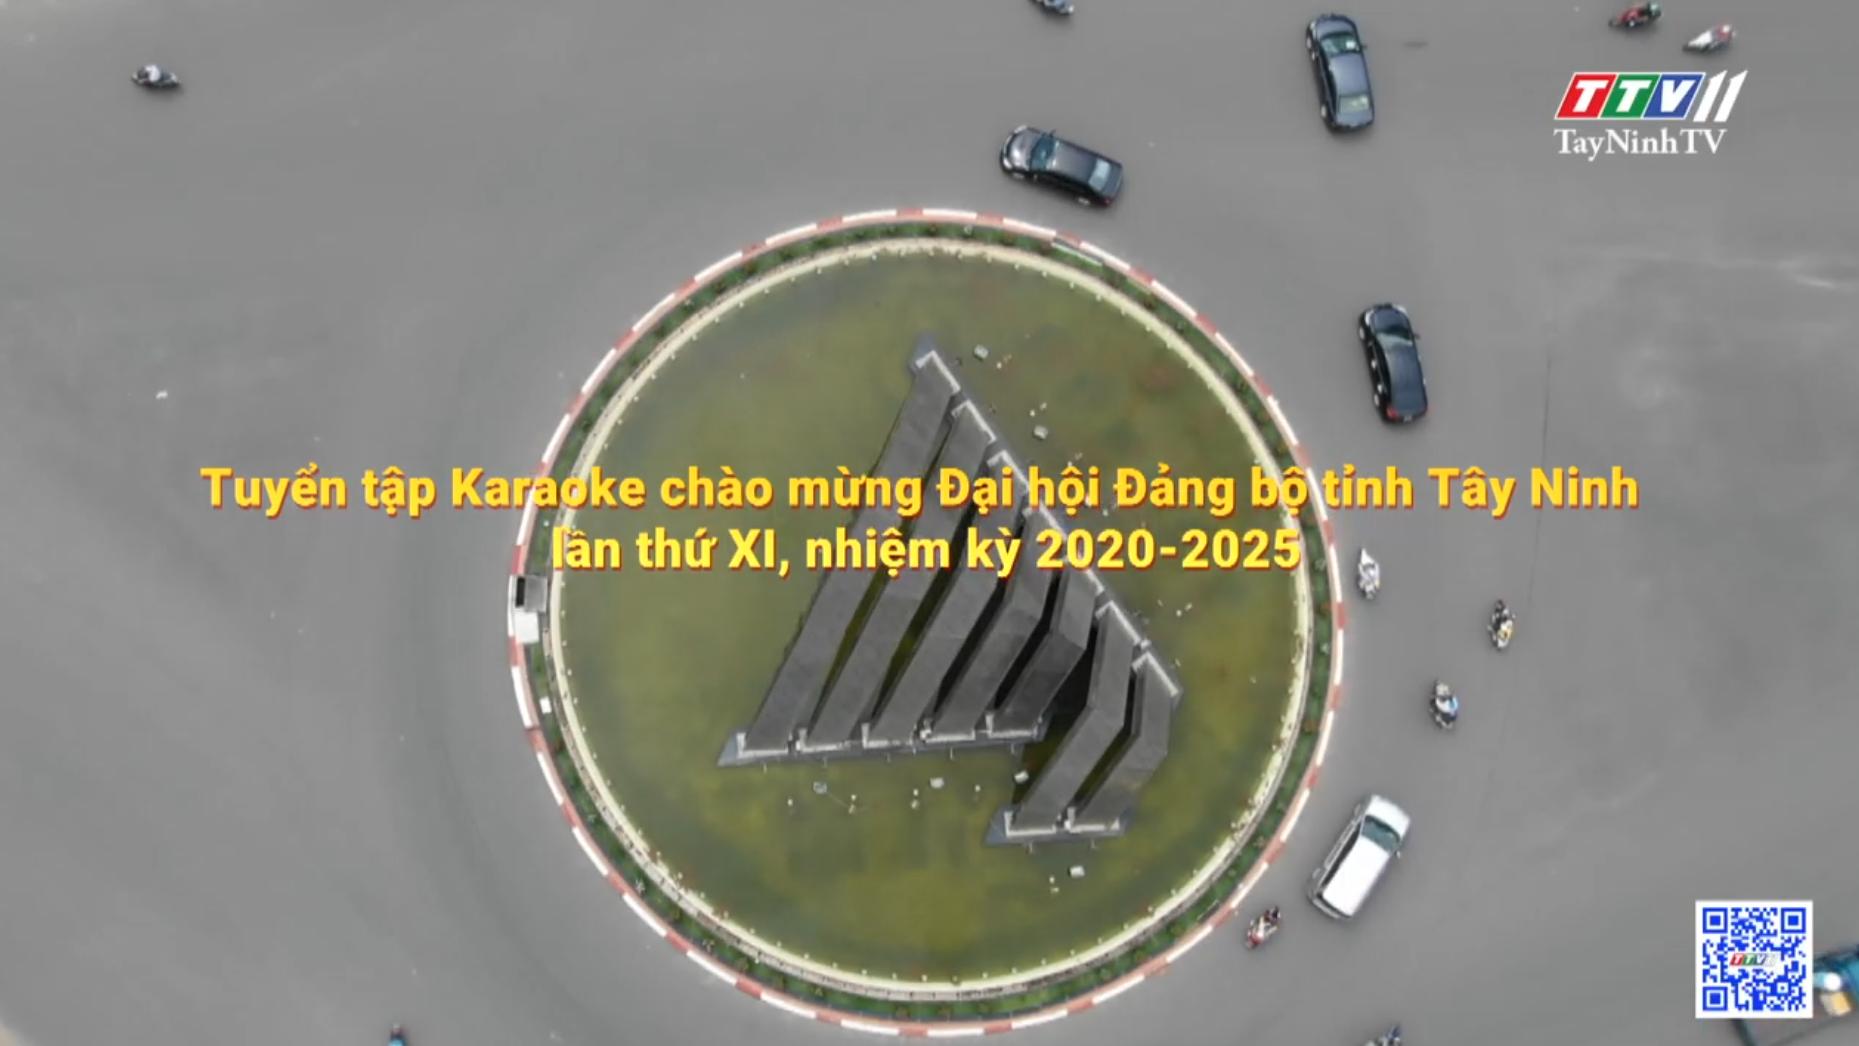 Tuyển tập karaoke chào mừng Đại hội Đảng bộ tỉnh Tây Ninh lần thứ XI, nhiệm kỳ 2020-2025 | TẠP CHÍ VĂN NGHỆ | TayNinhTV